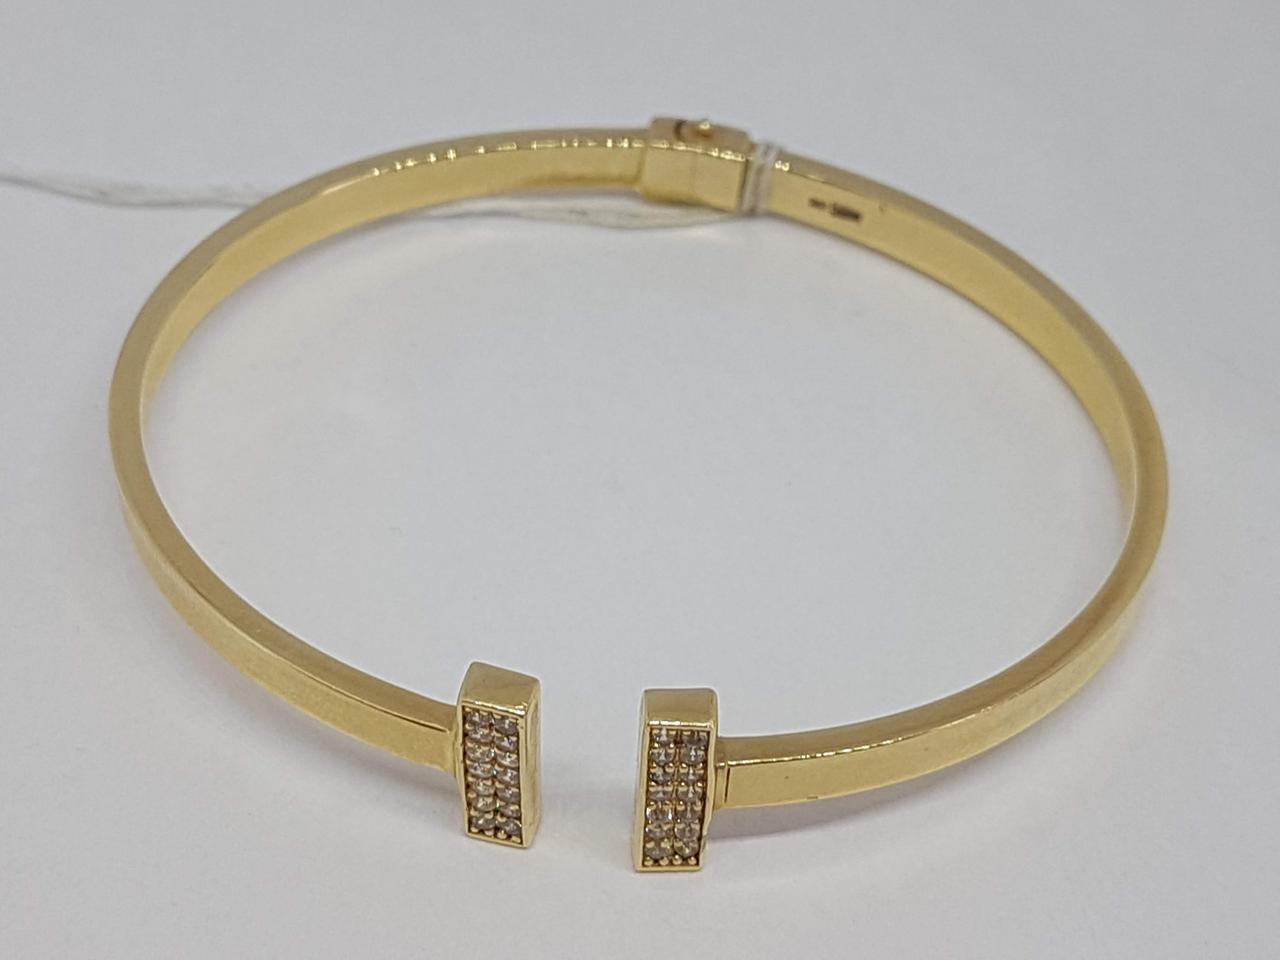 Золотой жесткий браслет с фианитами. Артикул 322846Ж